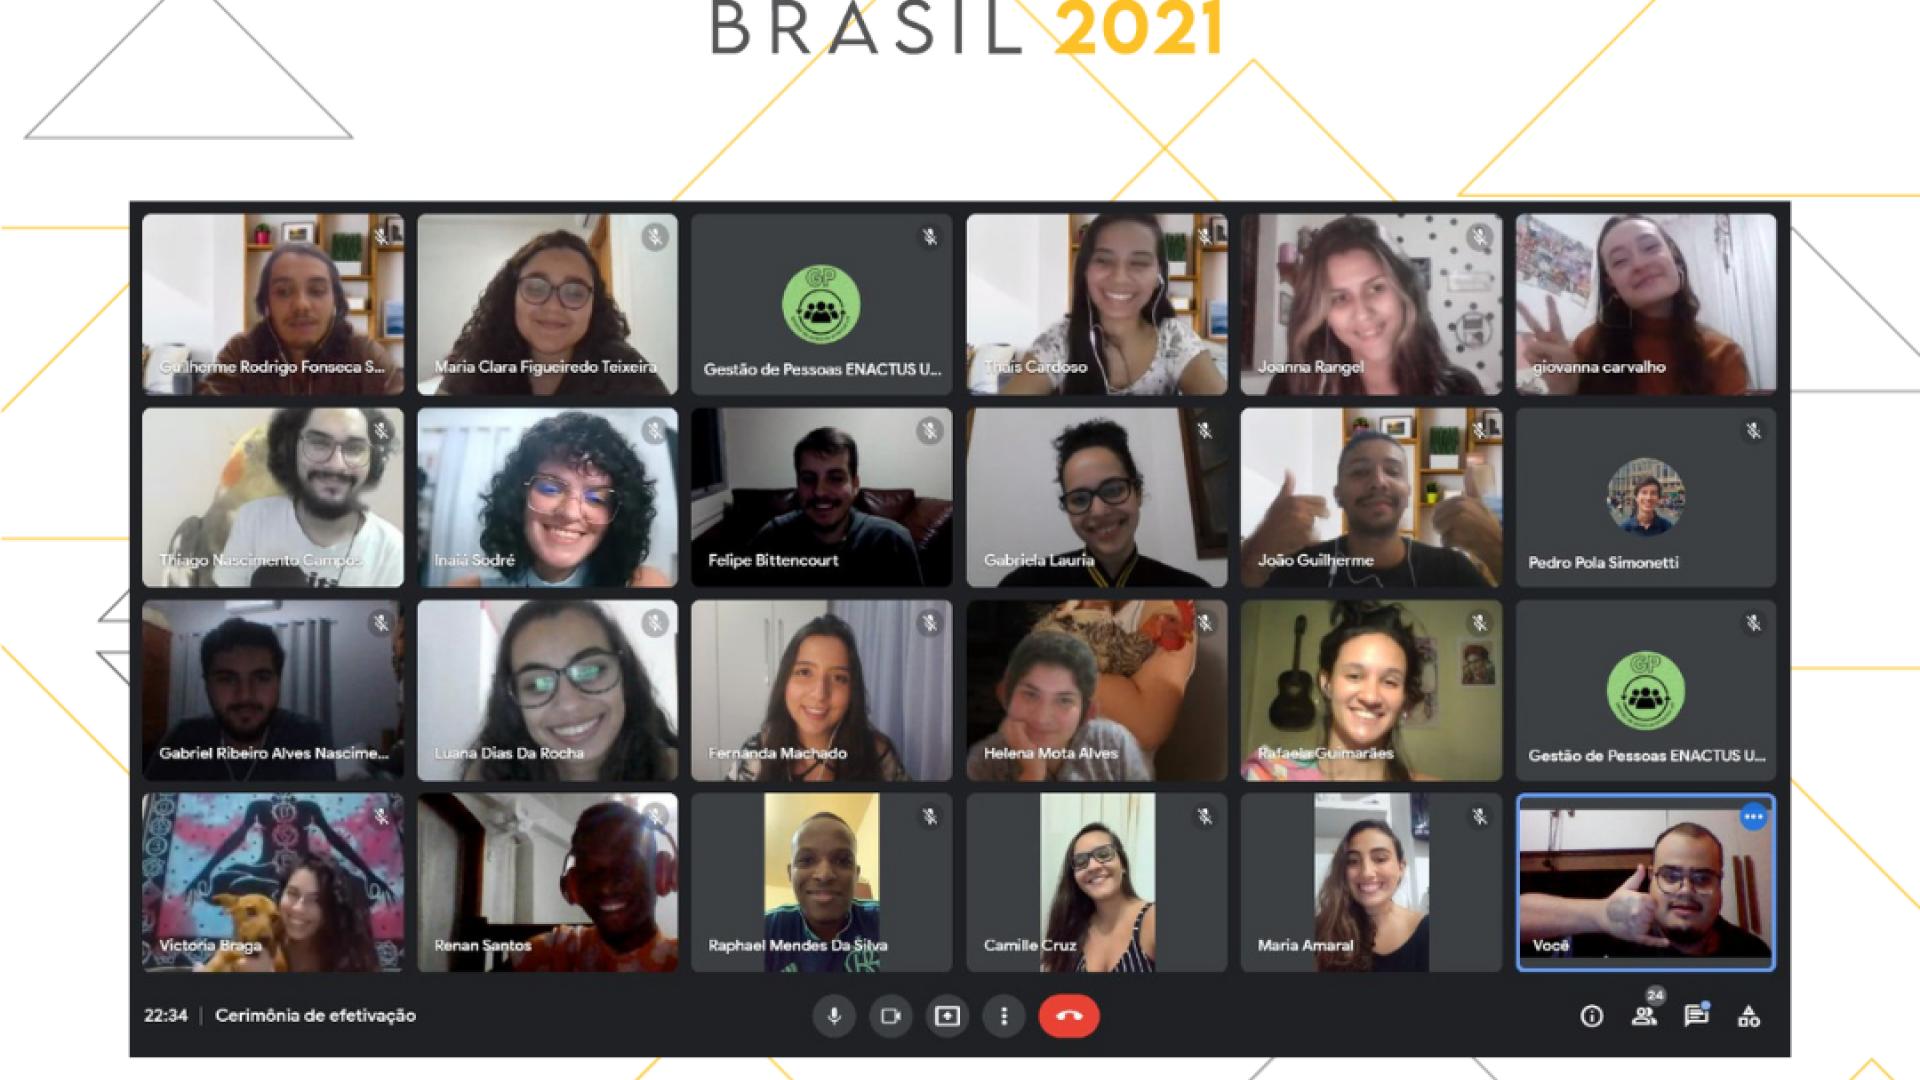 """Em cima está escrito """" Enactus Brasil 2021"""" e embaixo vários quadrados com as imagens dos participantes"""